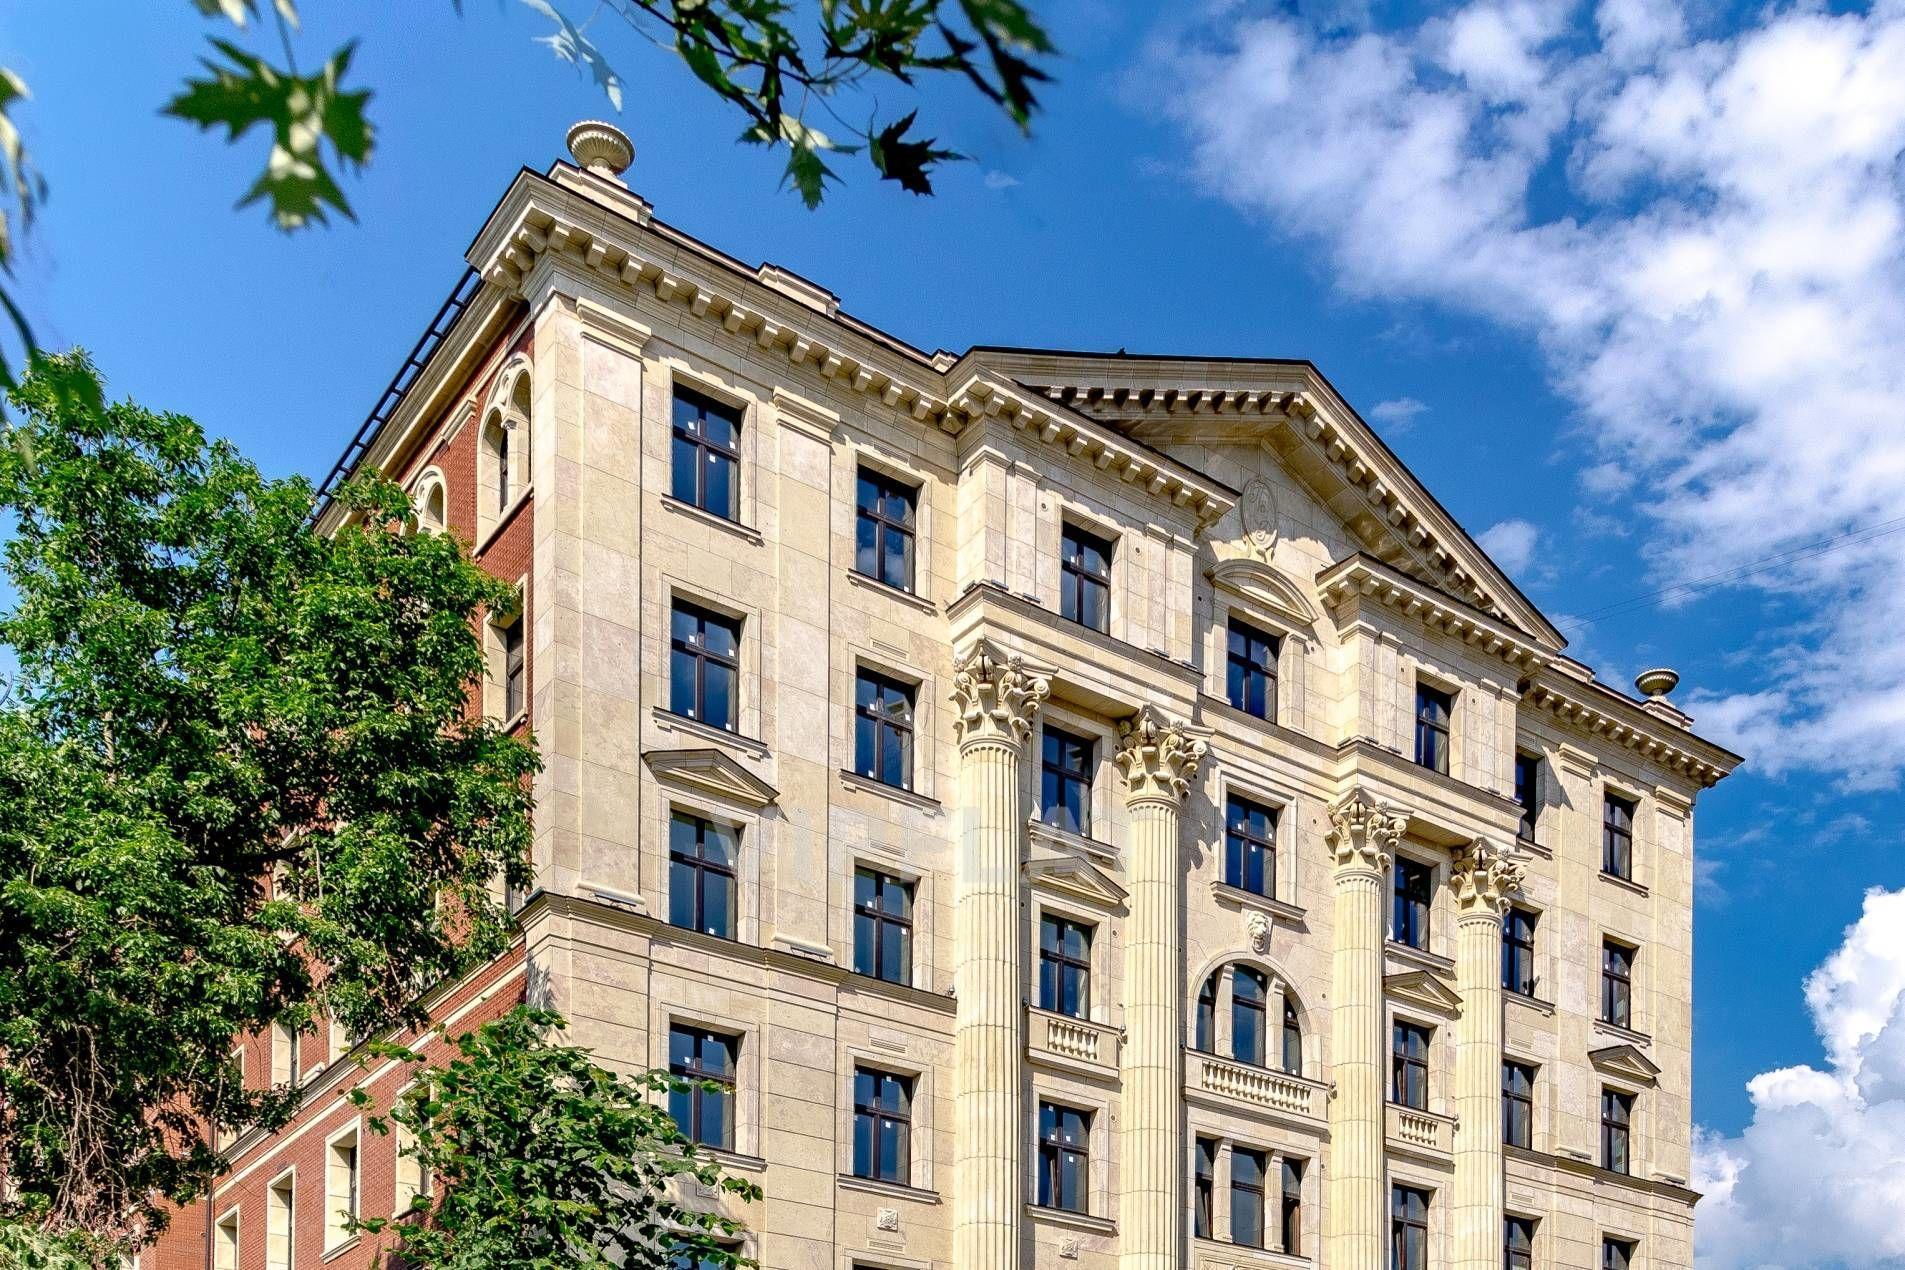 Продажа элитных квартир Санкт-Петербурга. Морской пр., 29 Величественные колонны украшают фасад